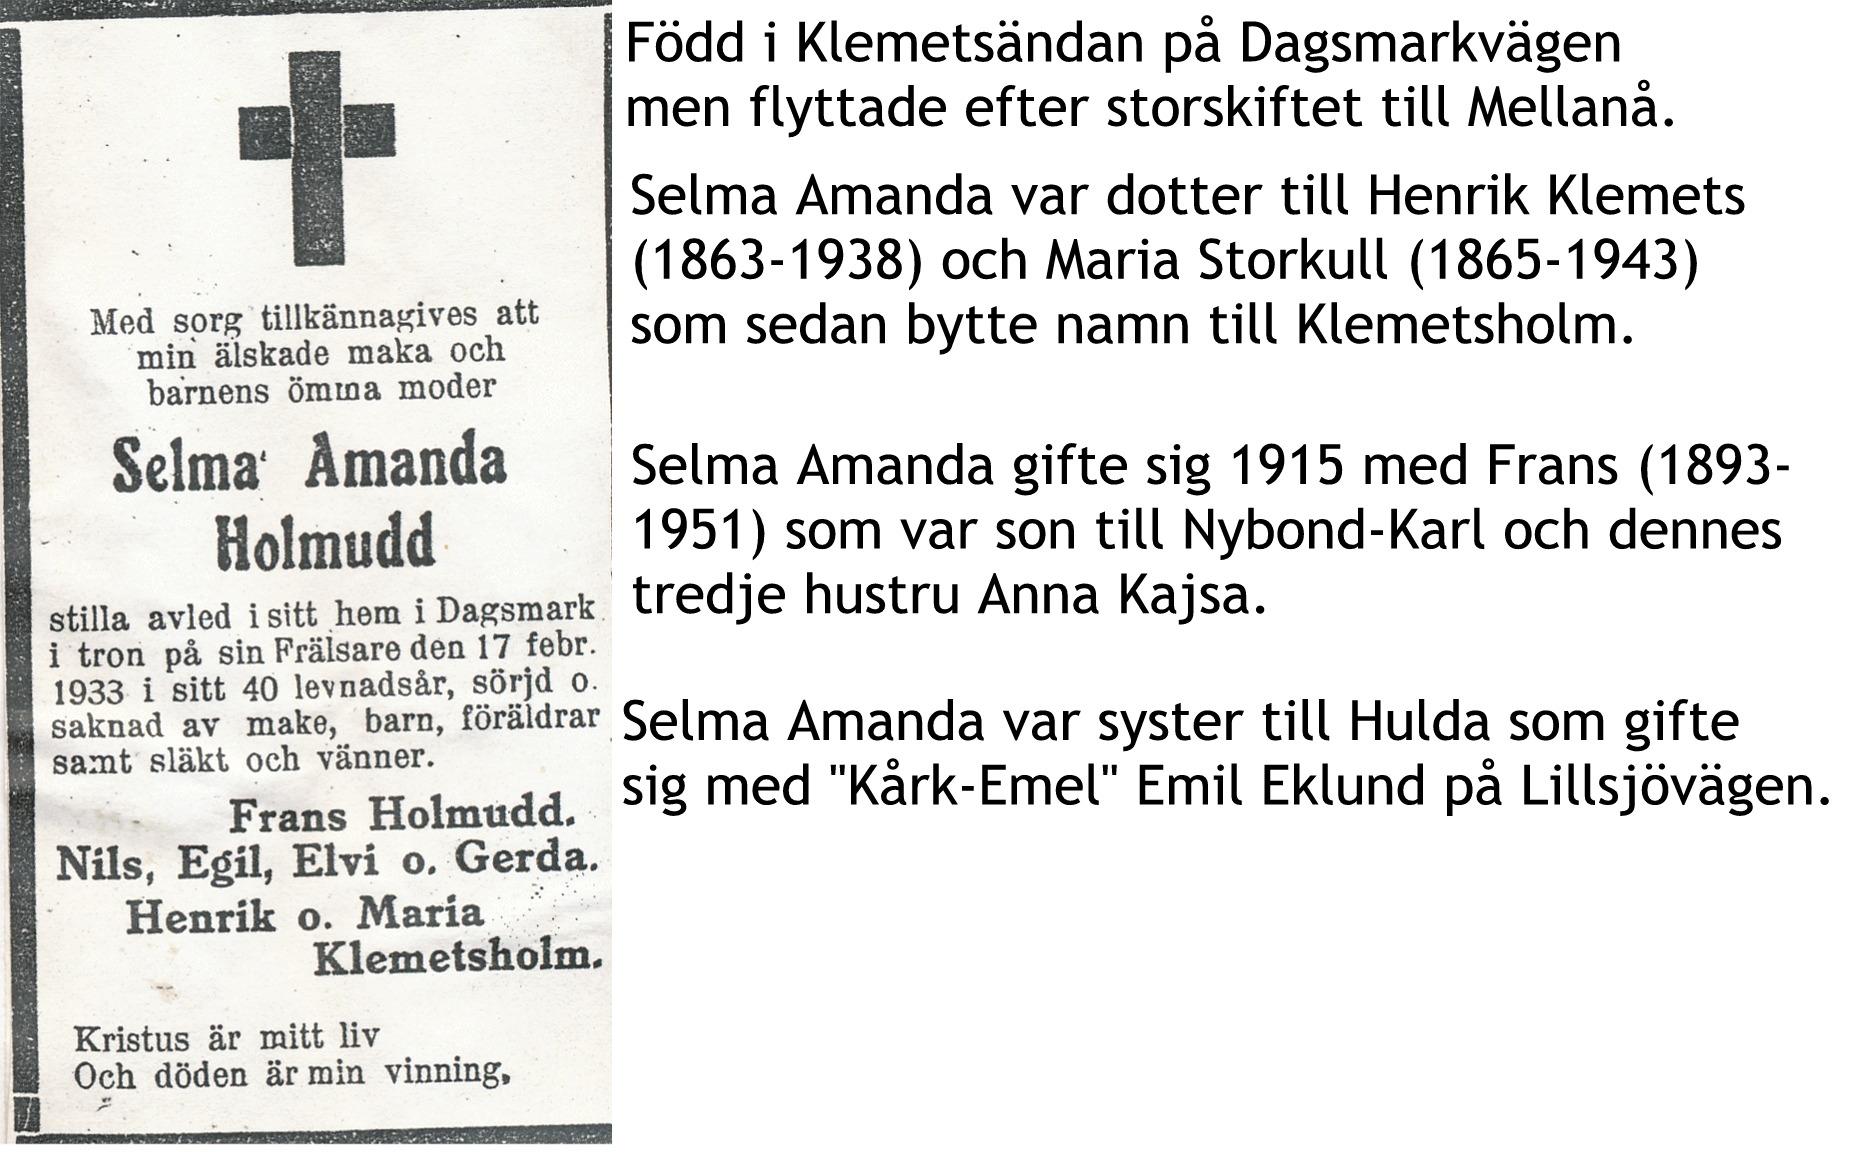 Holmudd Selma Amanda